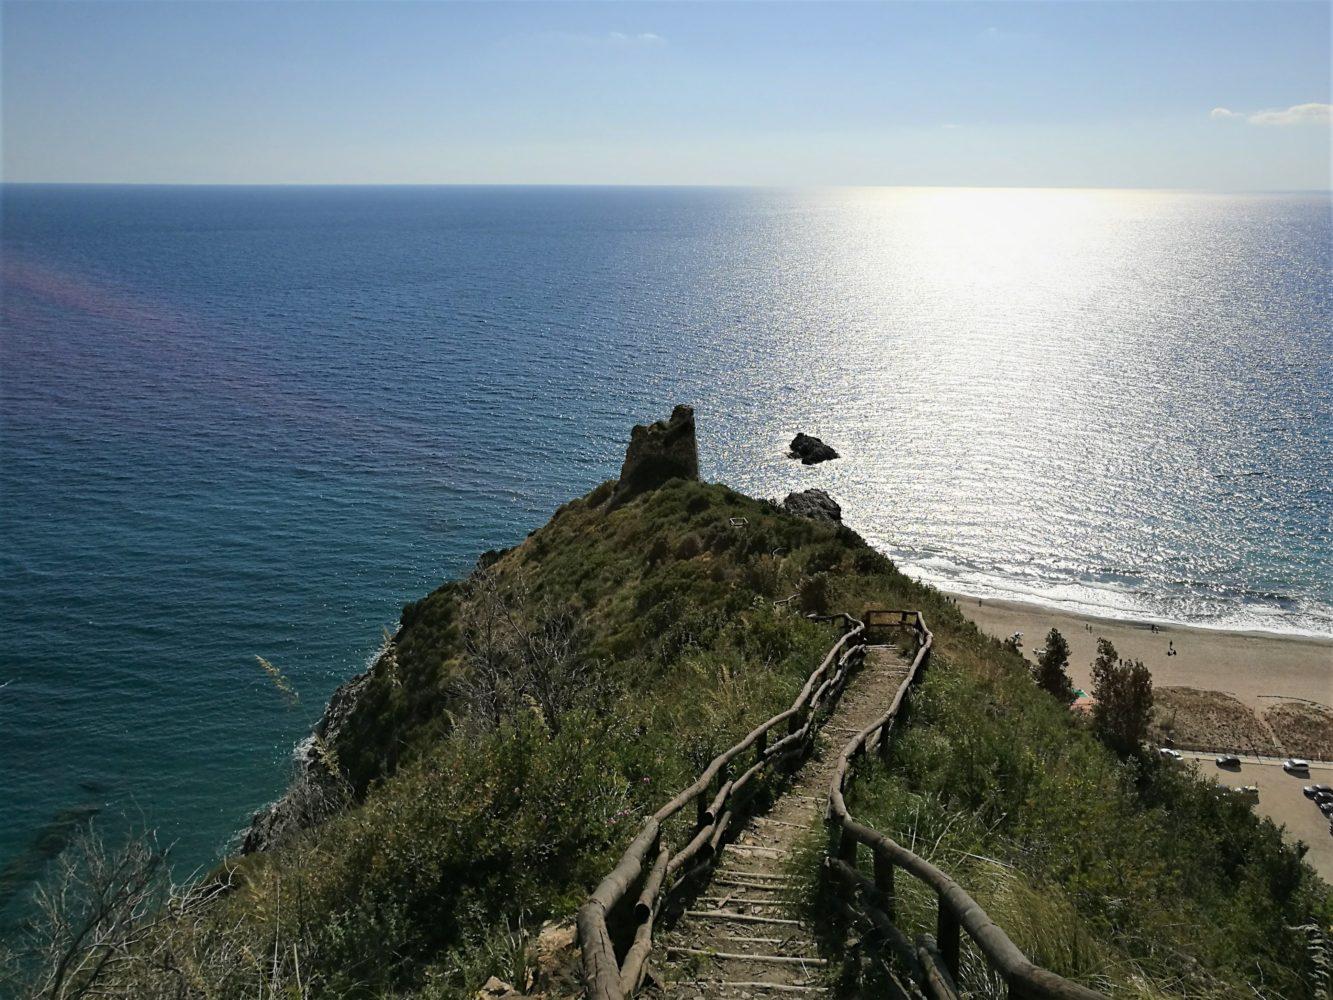 Punta del telegrafo ad ascea marina vista dal sentiero degli innamorati sul golfo di velia il cilentano il cilento